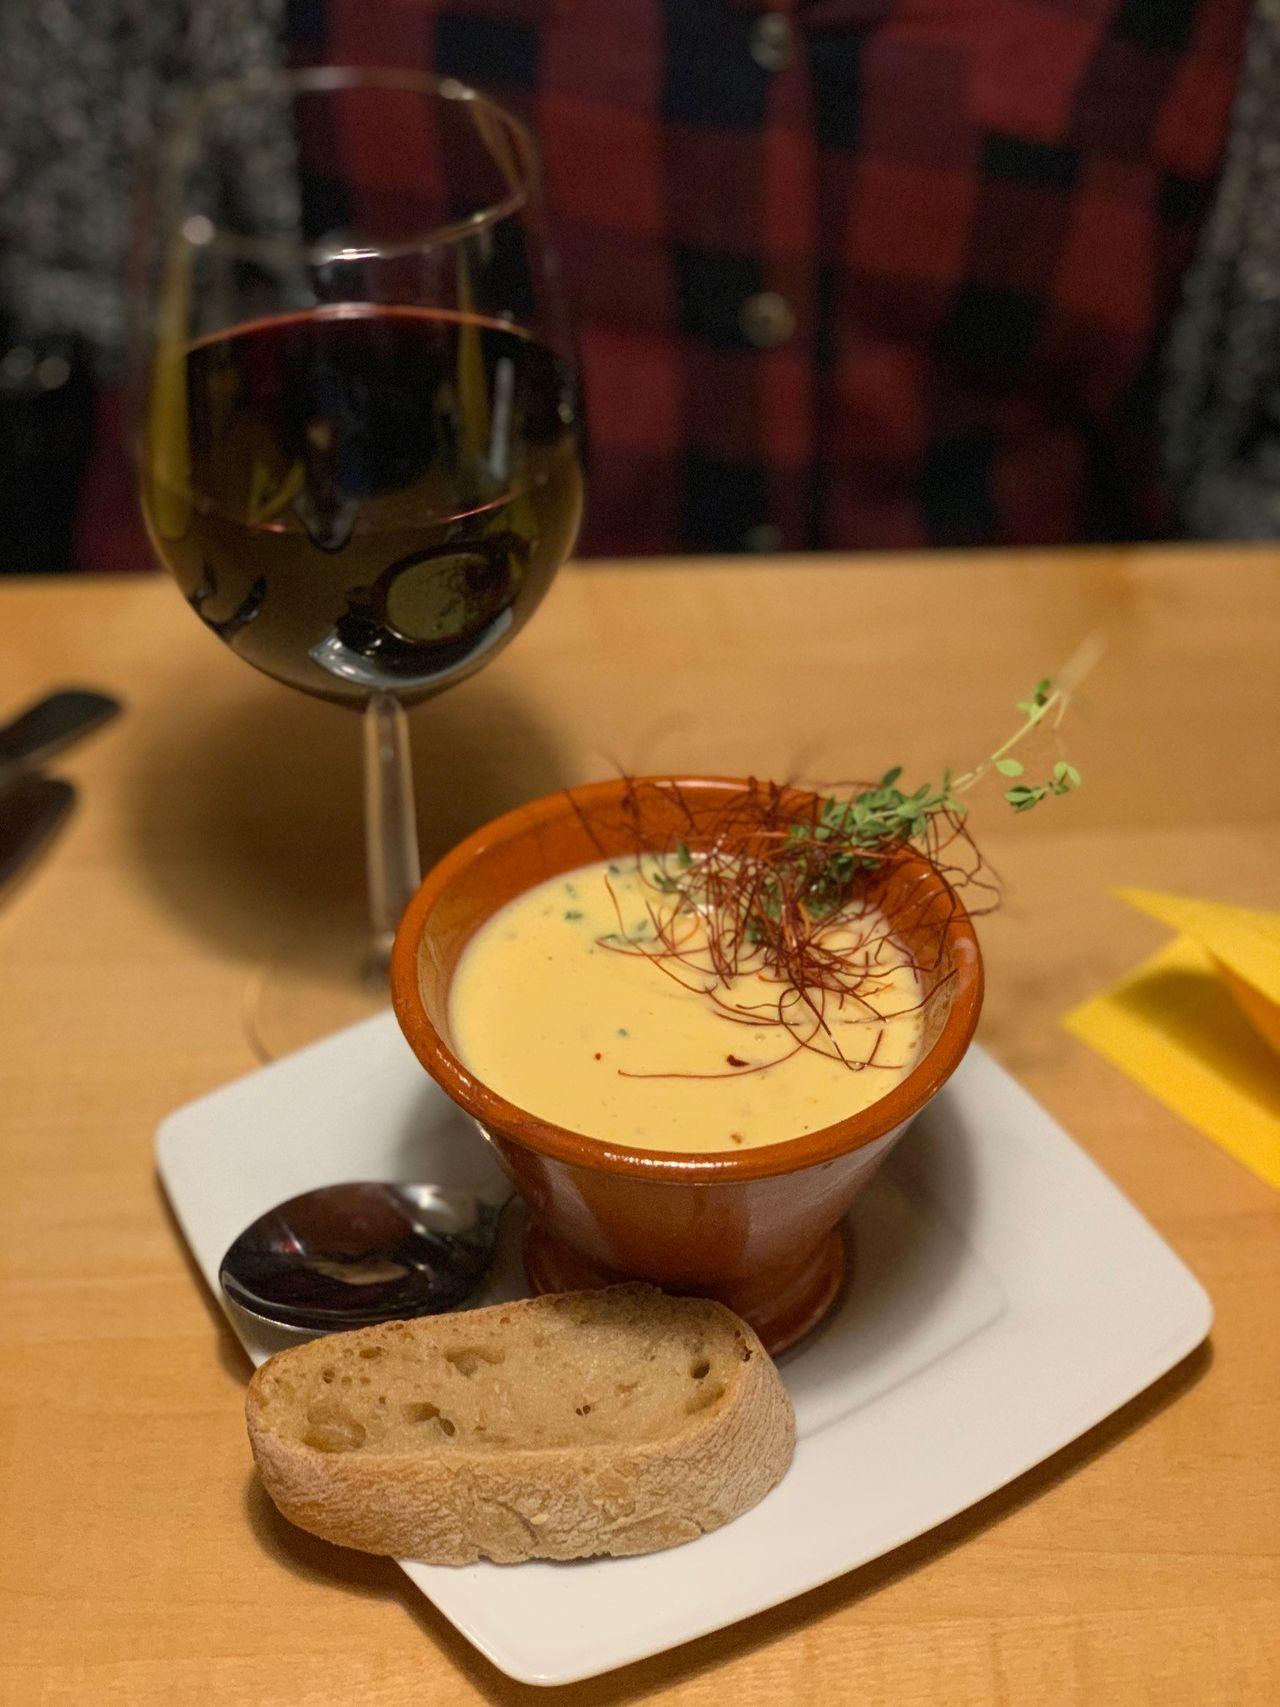 Mexikanische Suppe Chilatole (Maiscremesuppe mit Chili, Knoblauch und Gambafleisch)